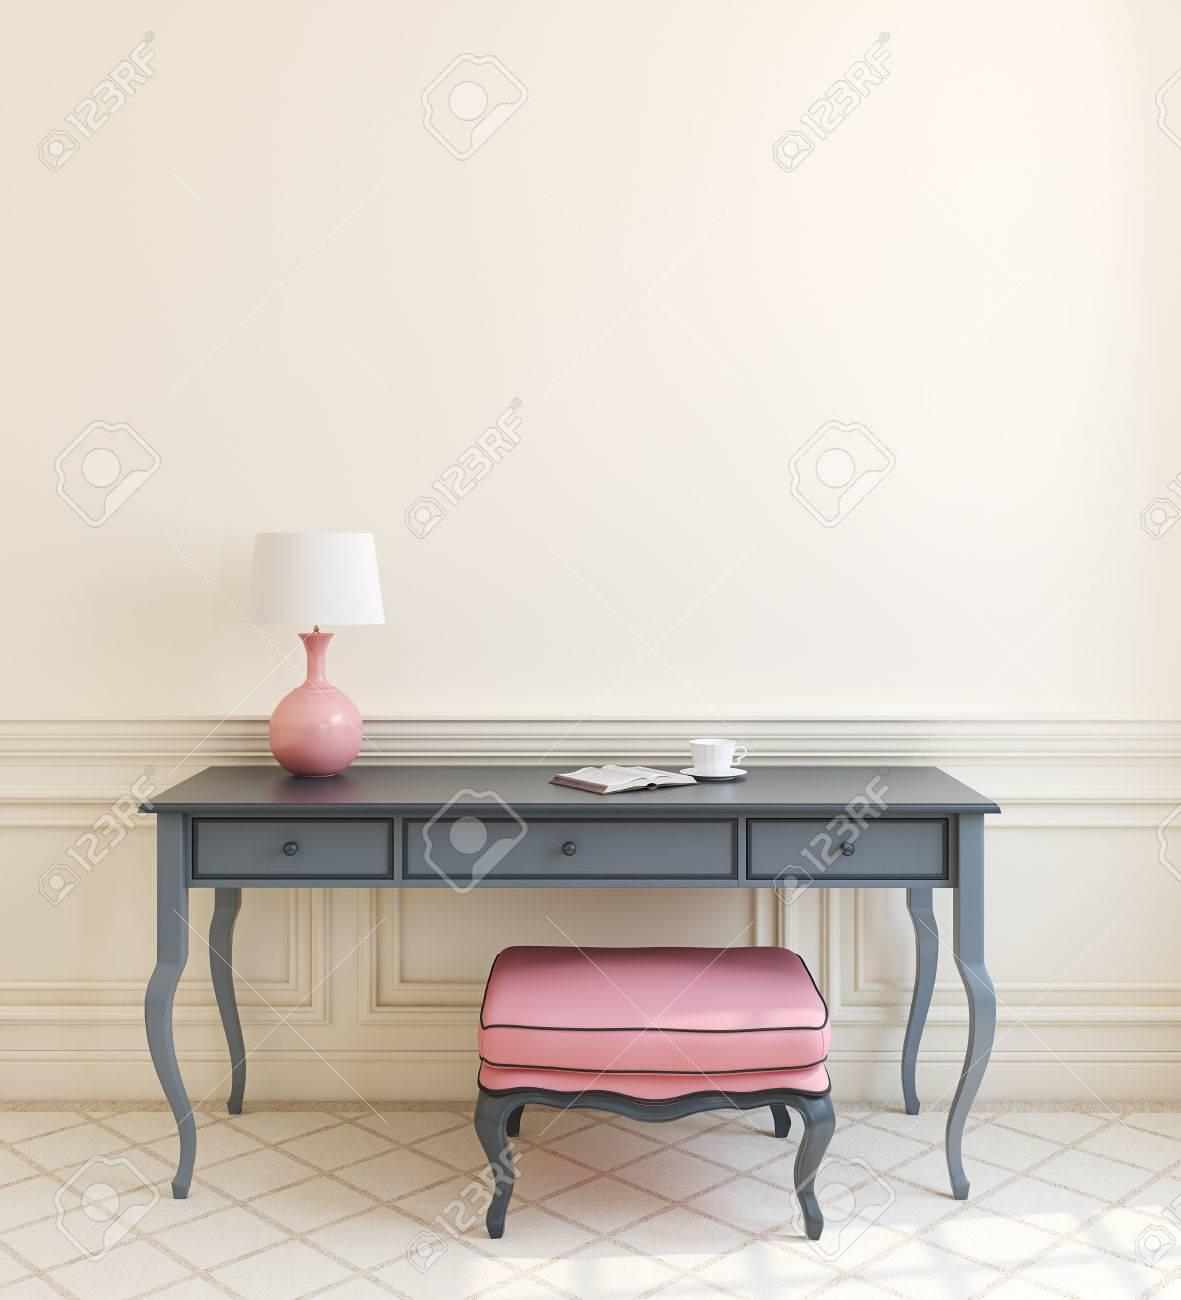 Schöne Moderne Interieur Mit Grau Tisch Und Rosa Ottomane In Der ...